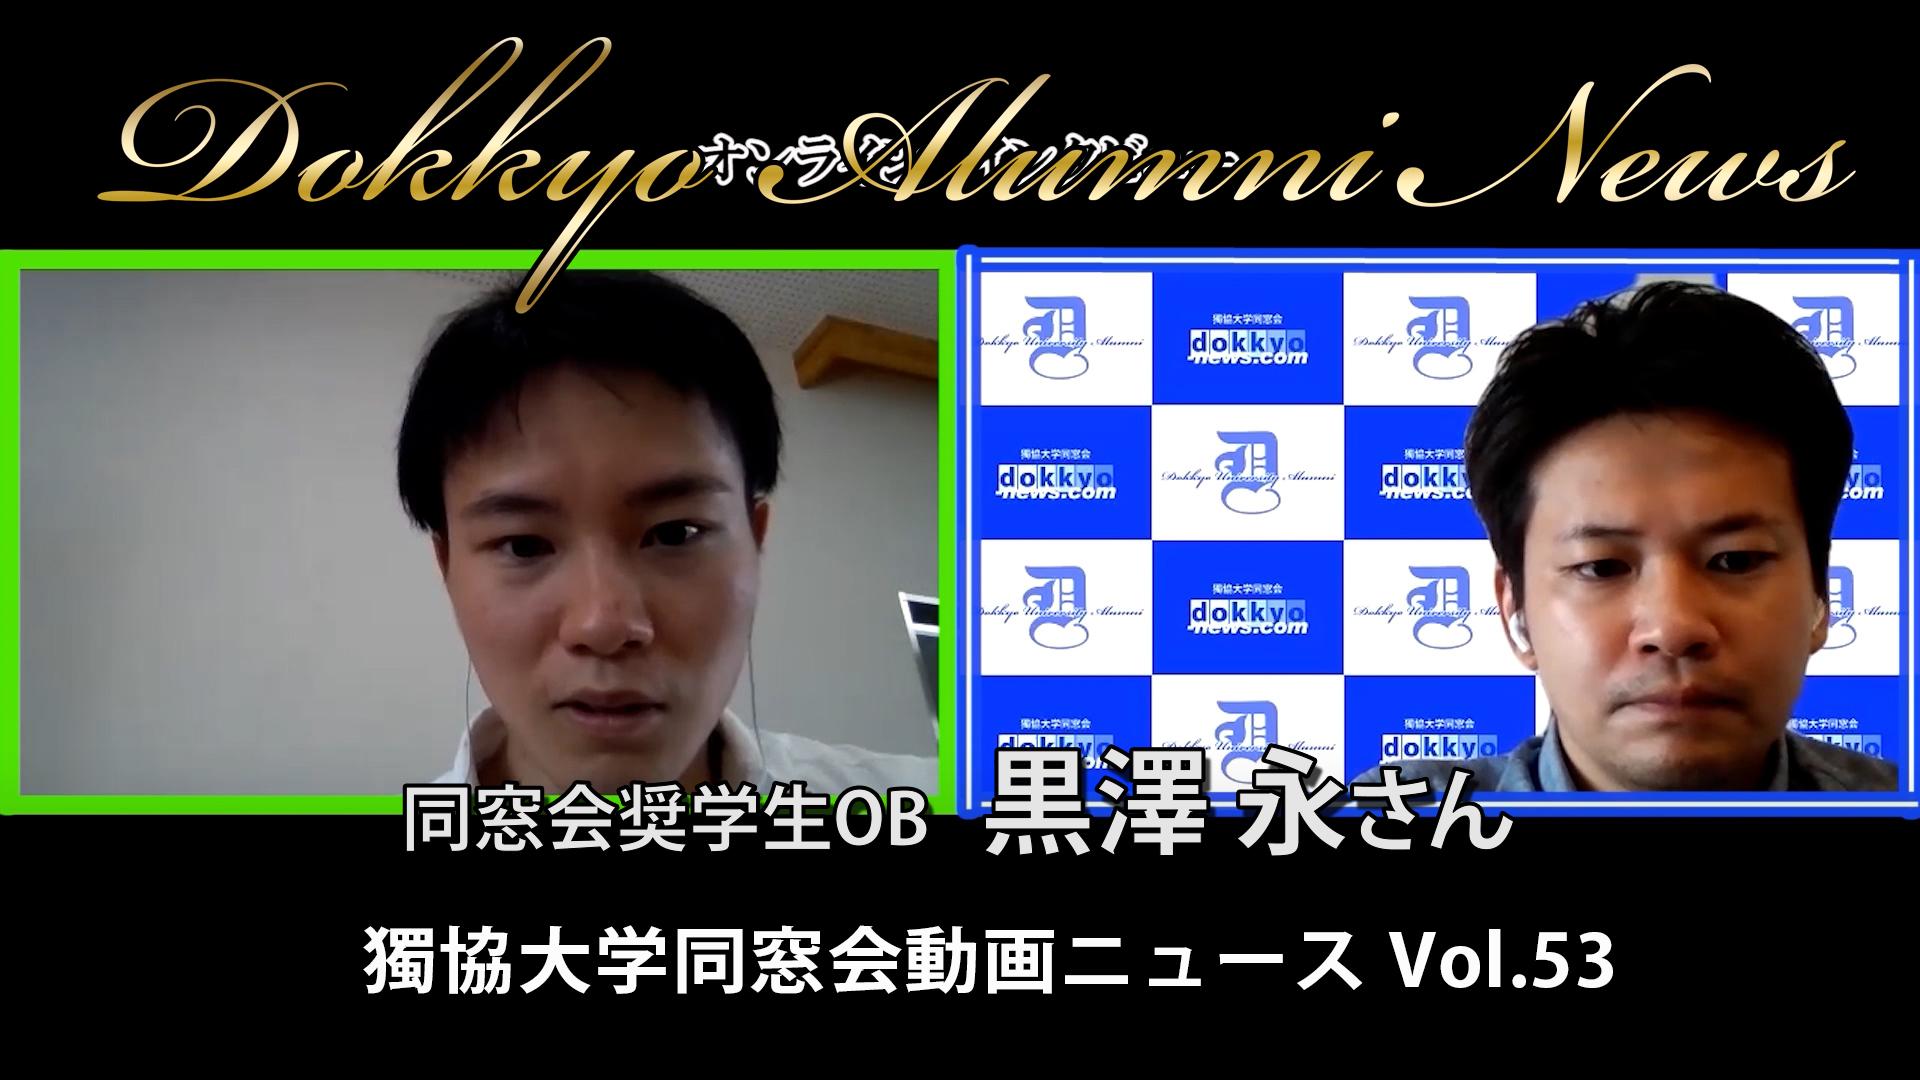 同窓会奨学生OB_黒澤永さん_Dokkyo Alumni NEWS 053